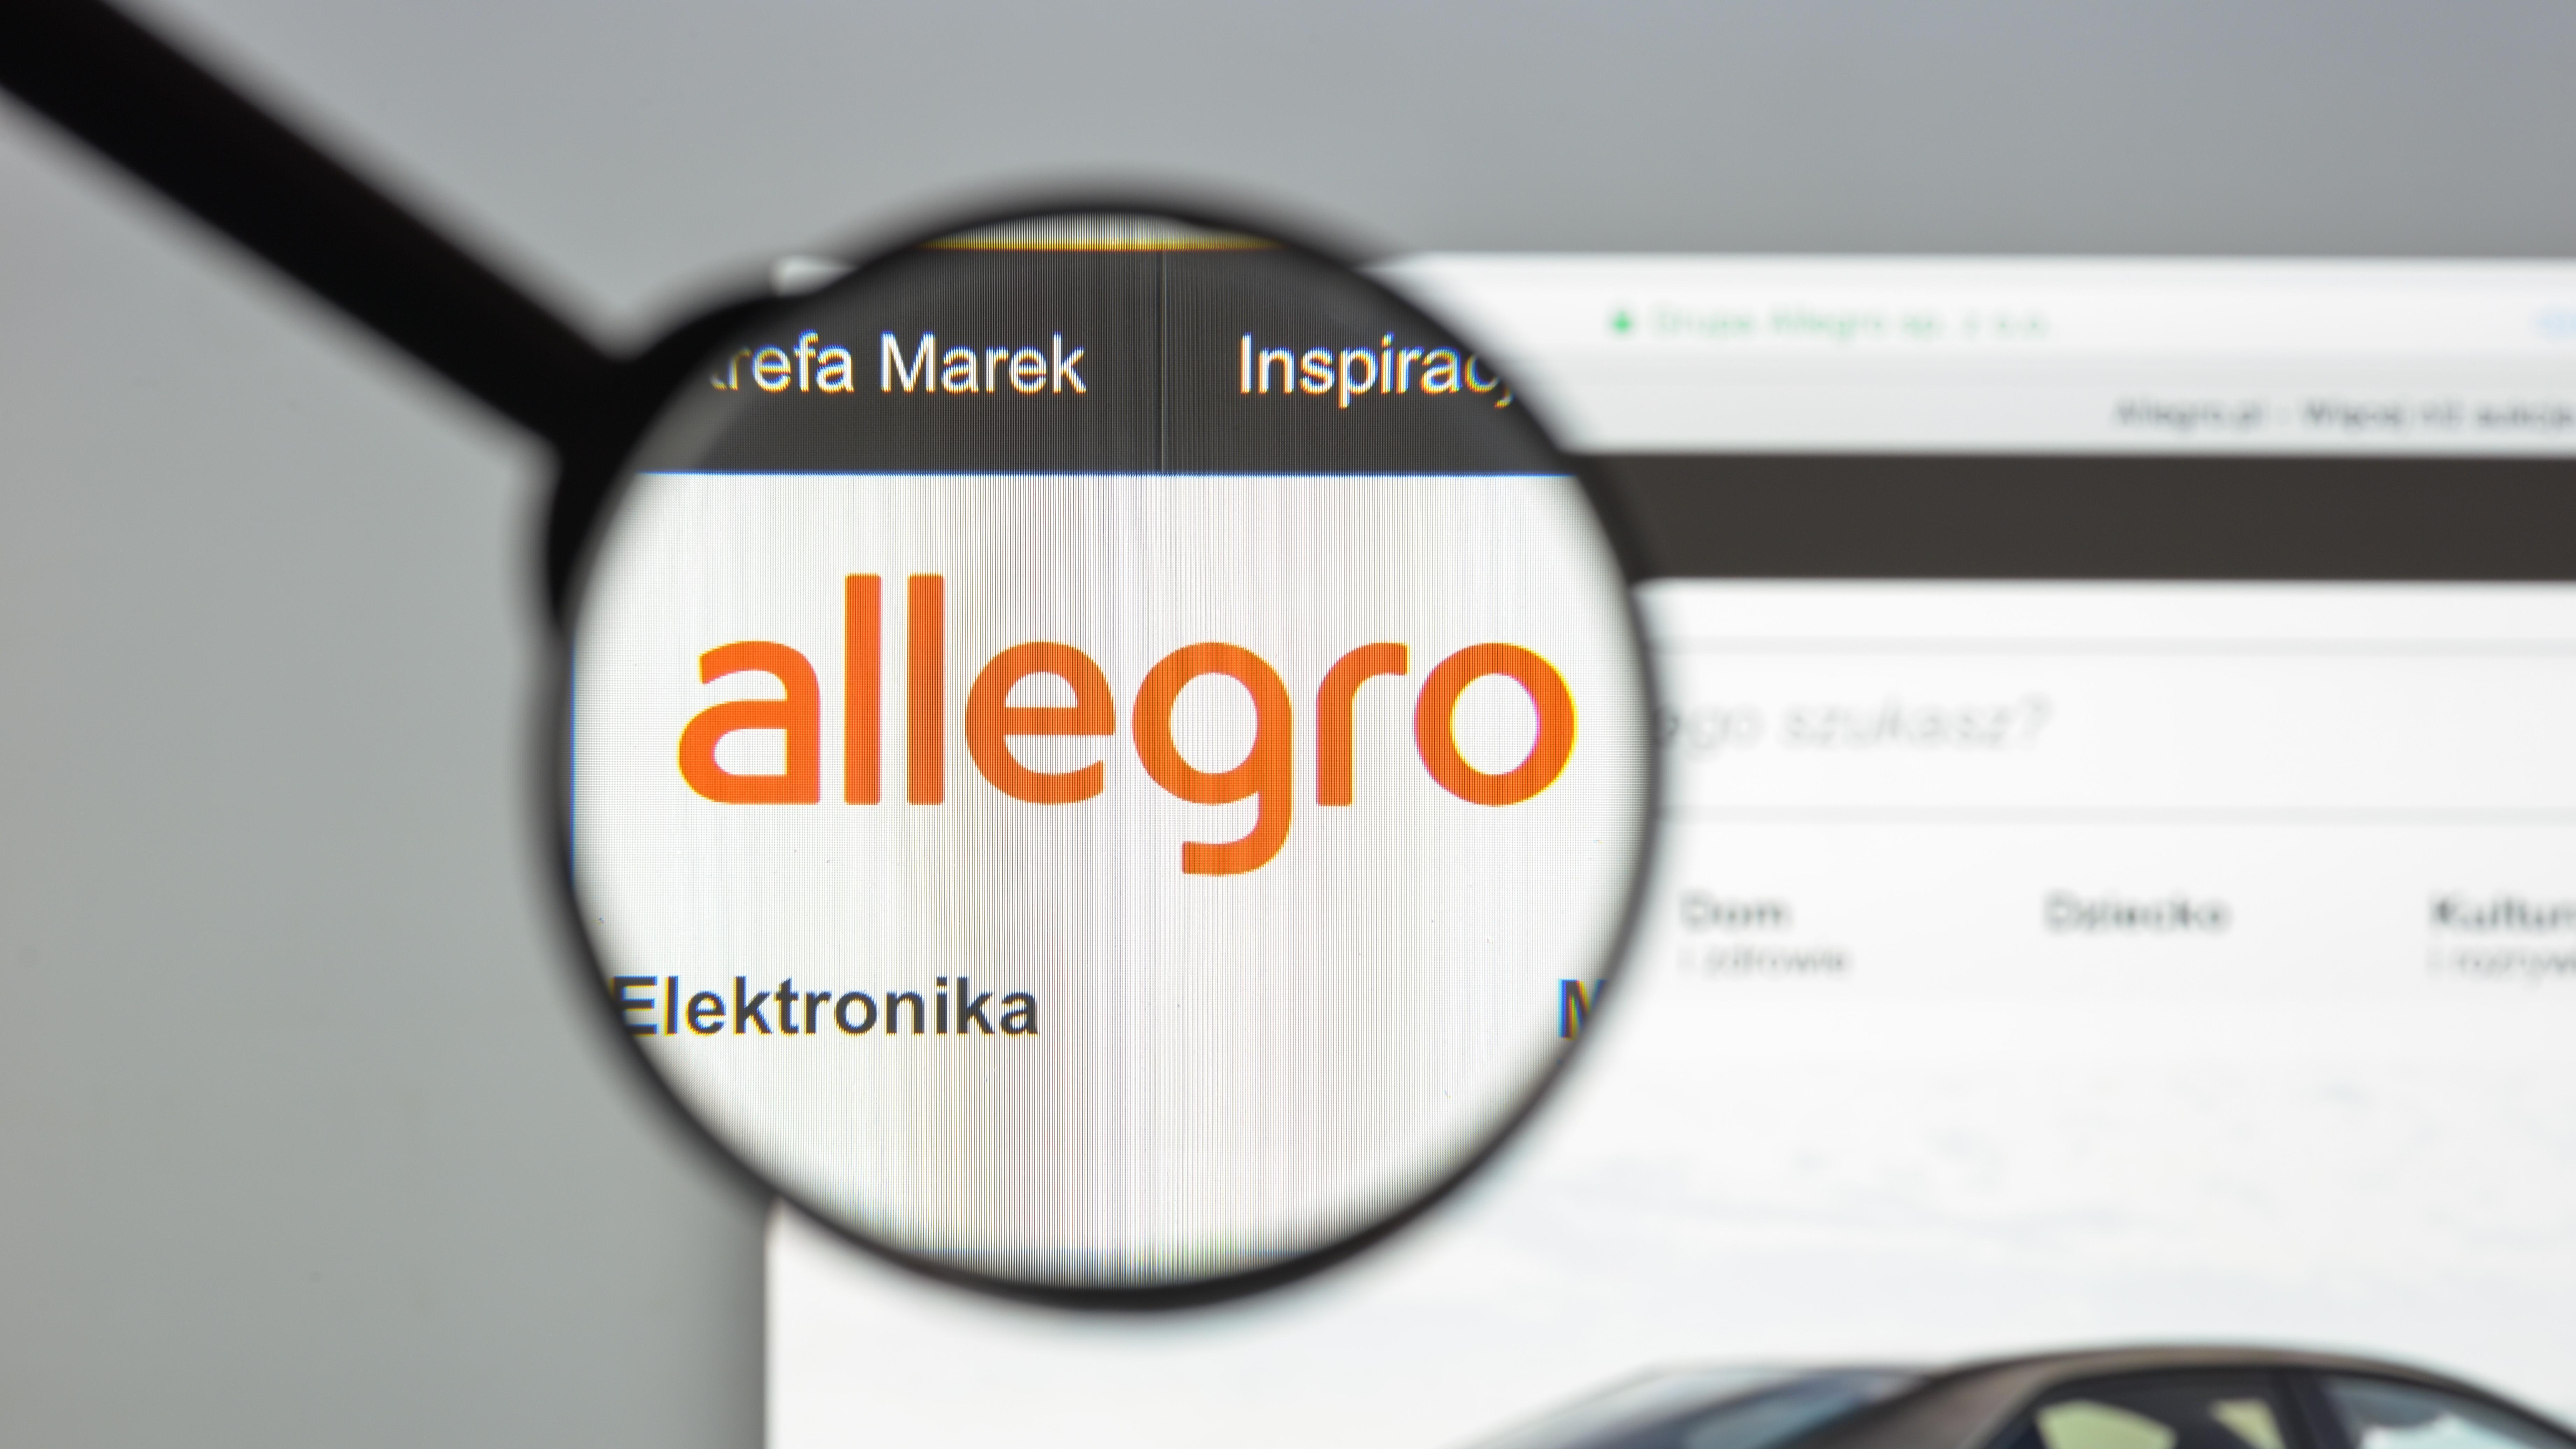 Allegro Ulatwi Szukanie Najtanszych Produktow Pojawia Sie Opcja Super Cena